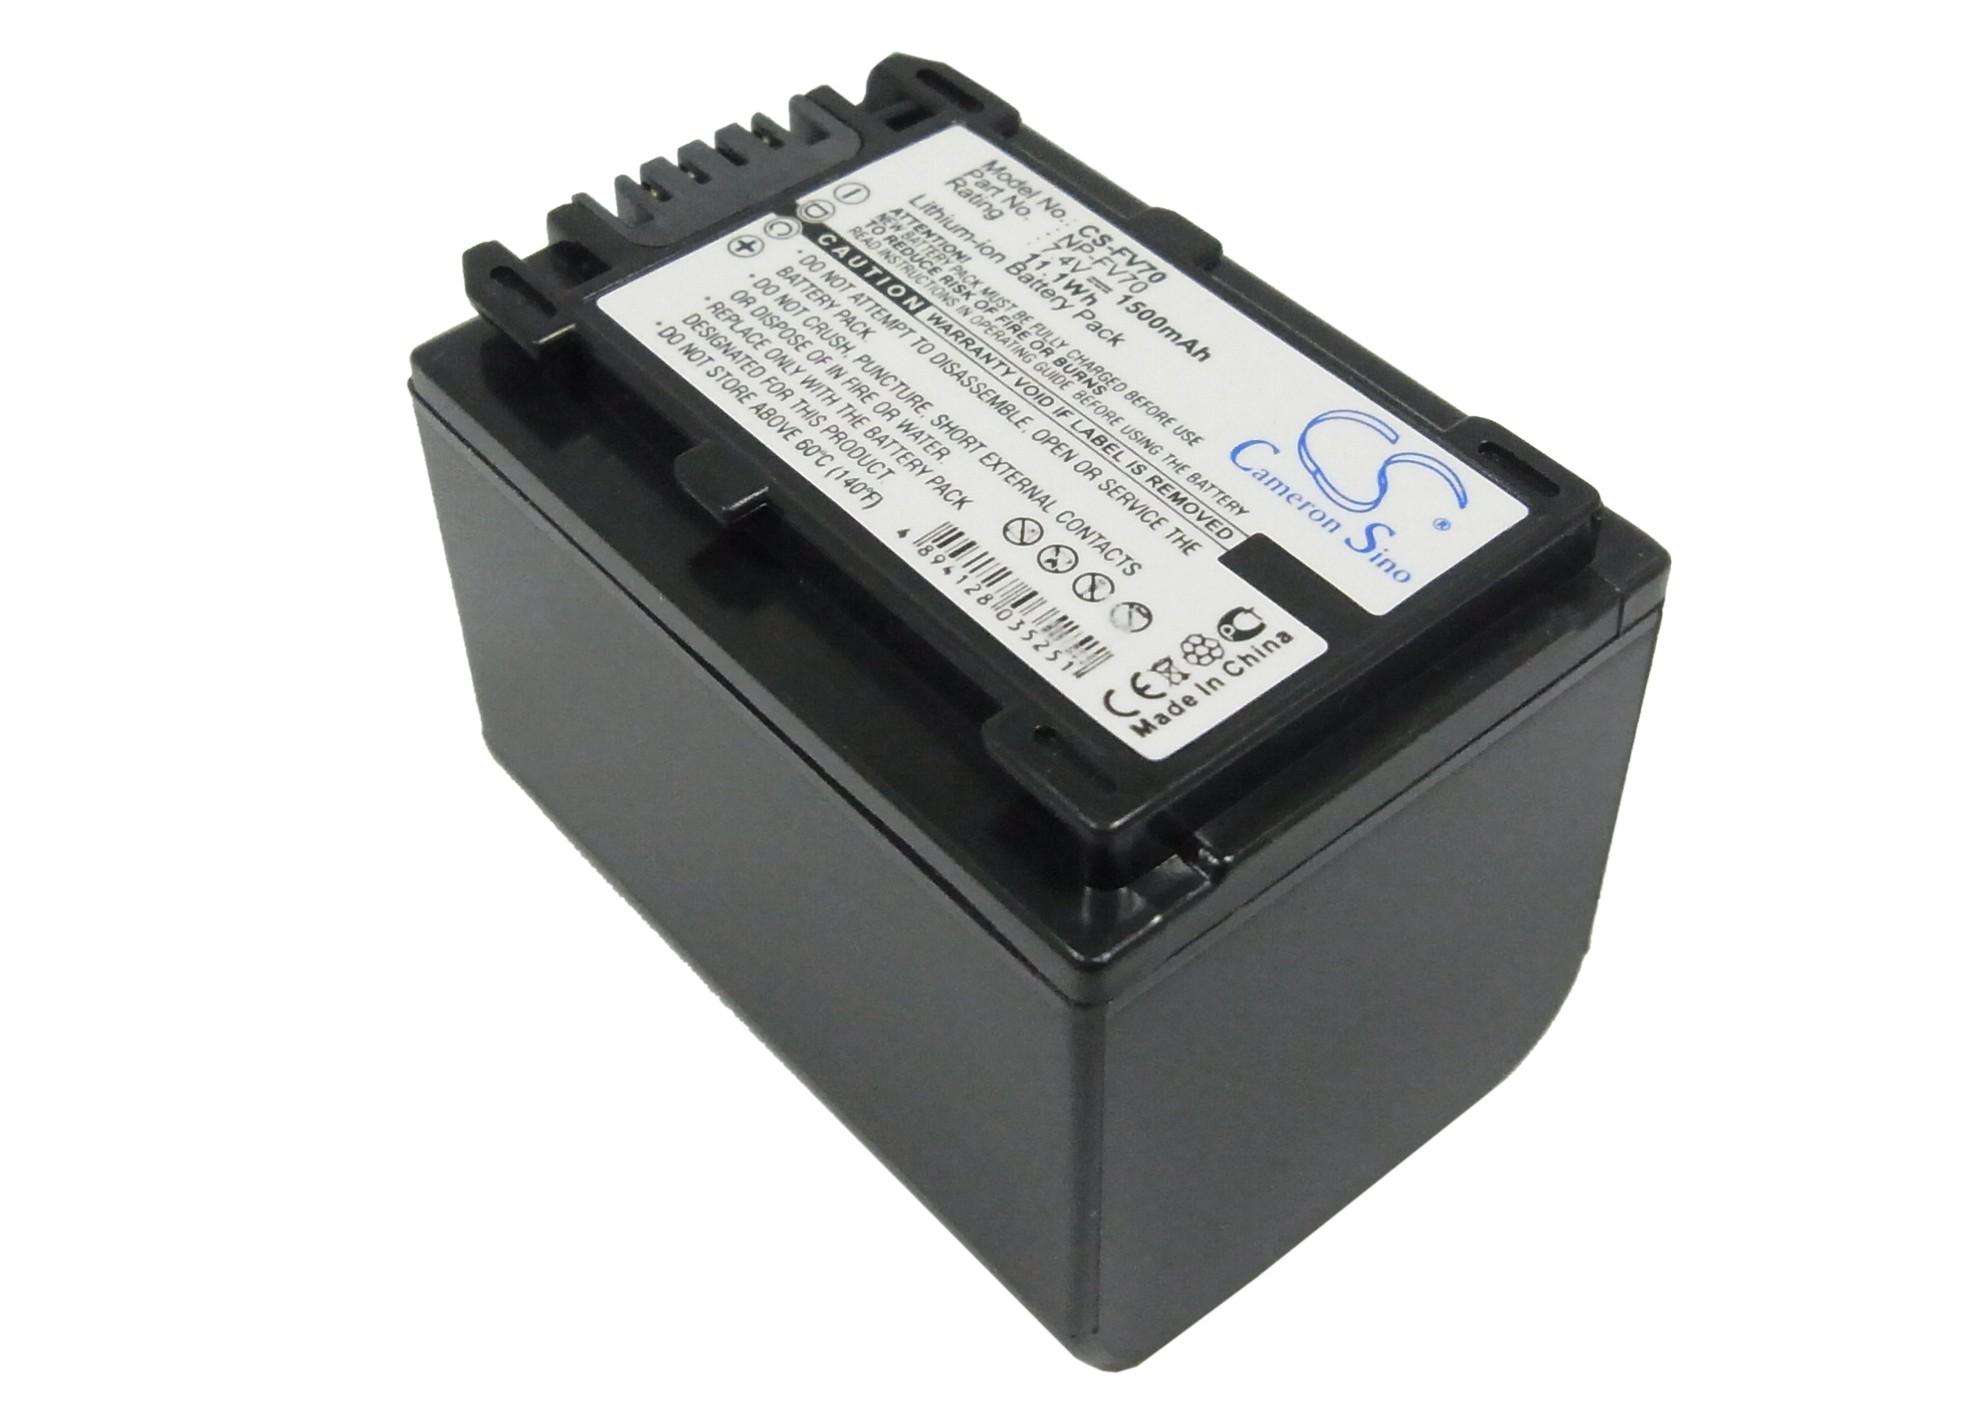 Cameron Sino baterie do kamer a fotoaparátů pro SONY HDR-PJ10E 7.4V Li-ion 1500mAh černá - neoriginální